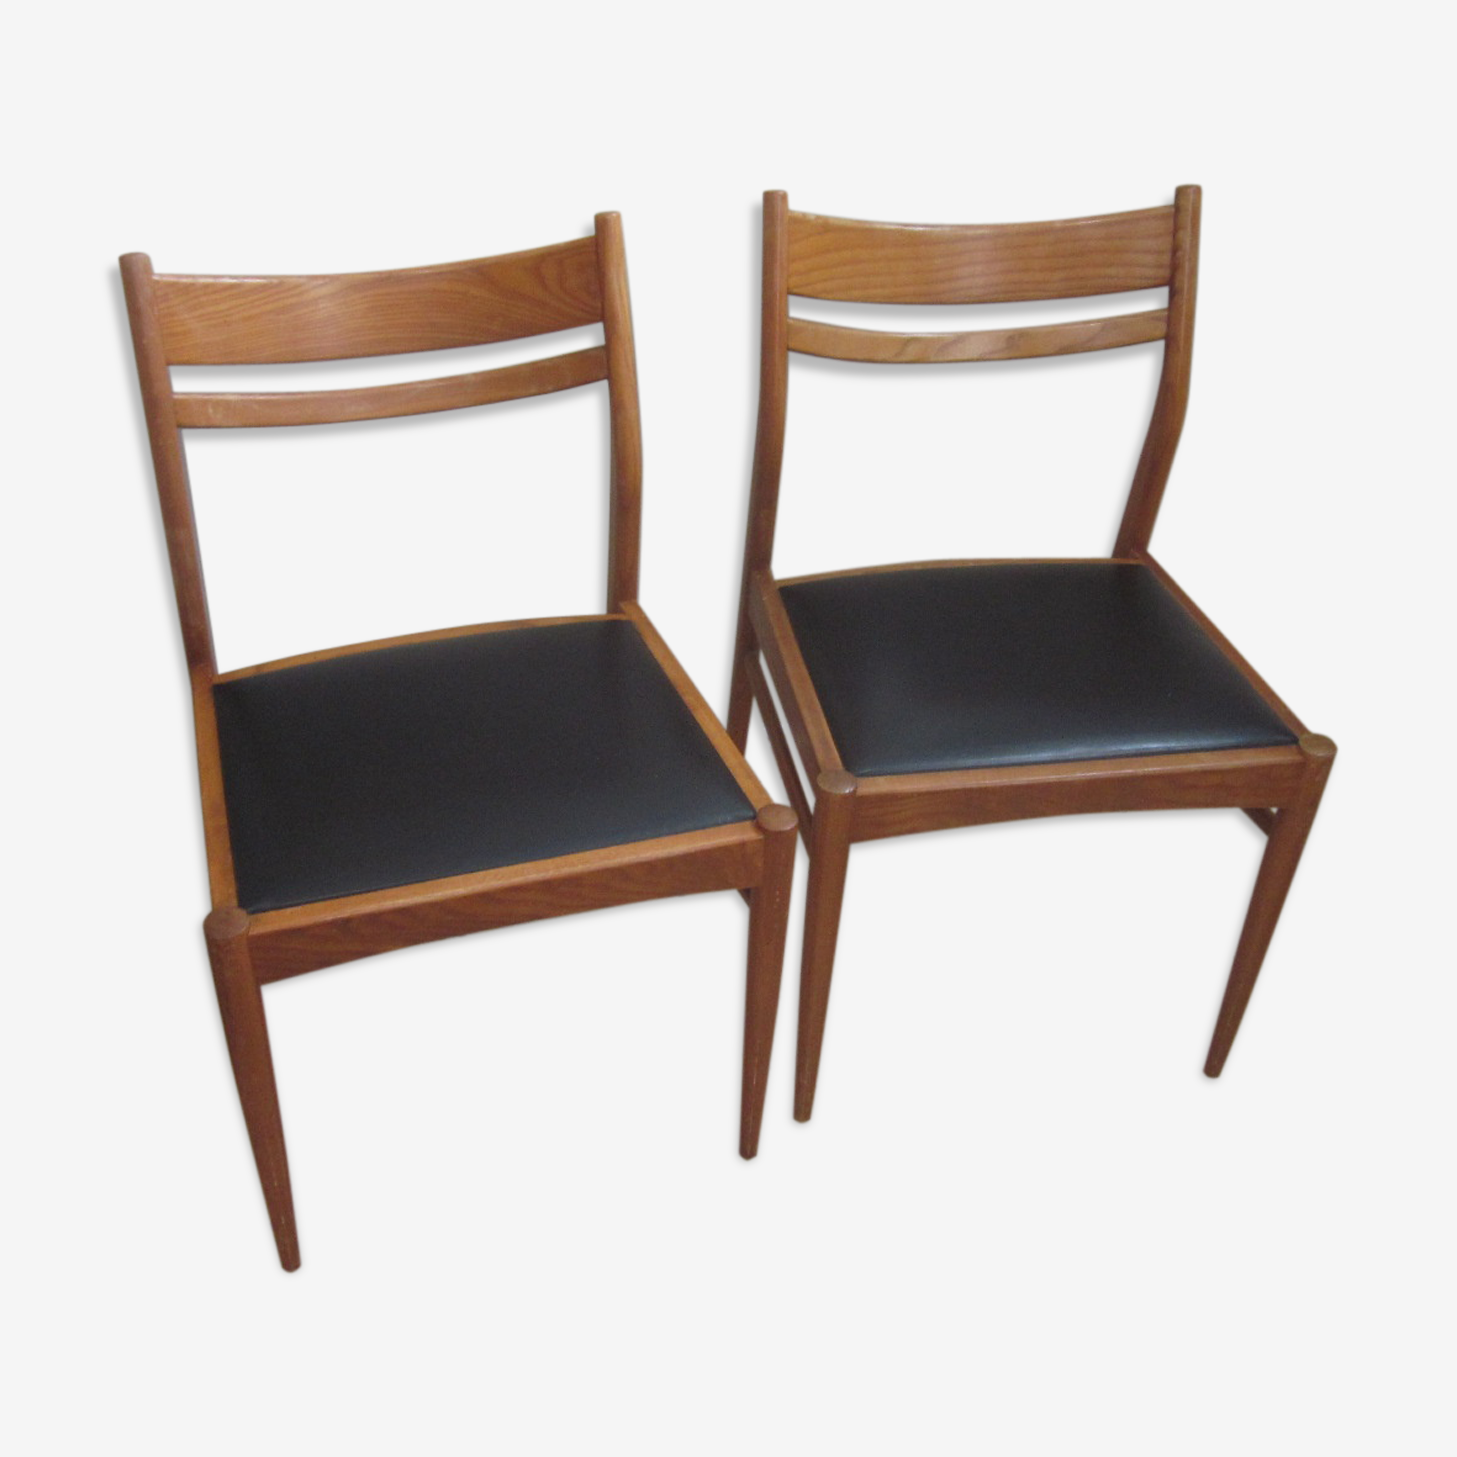 Paire de chaises scandinaves en teck